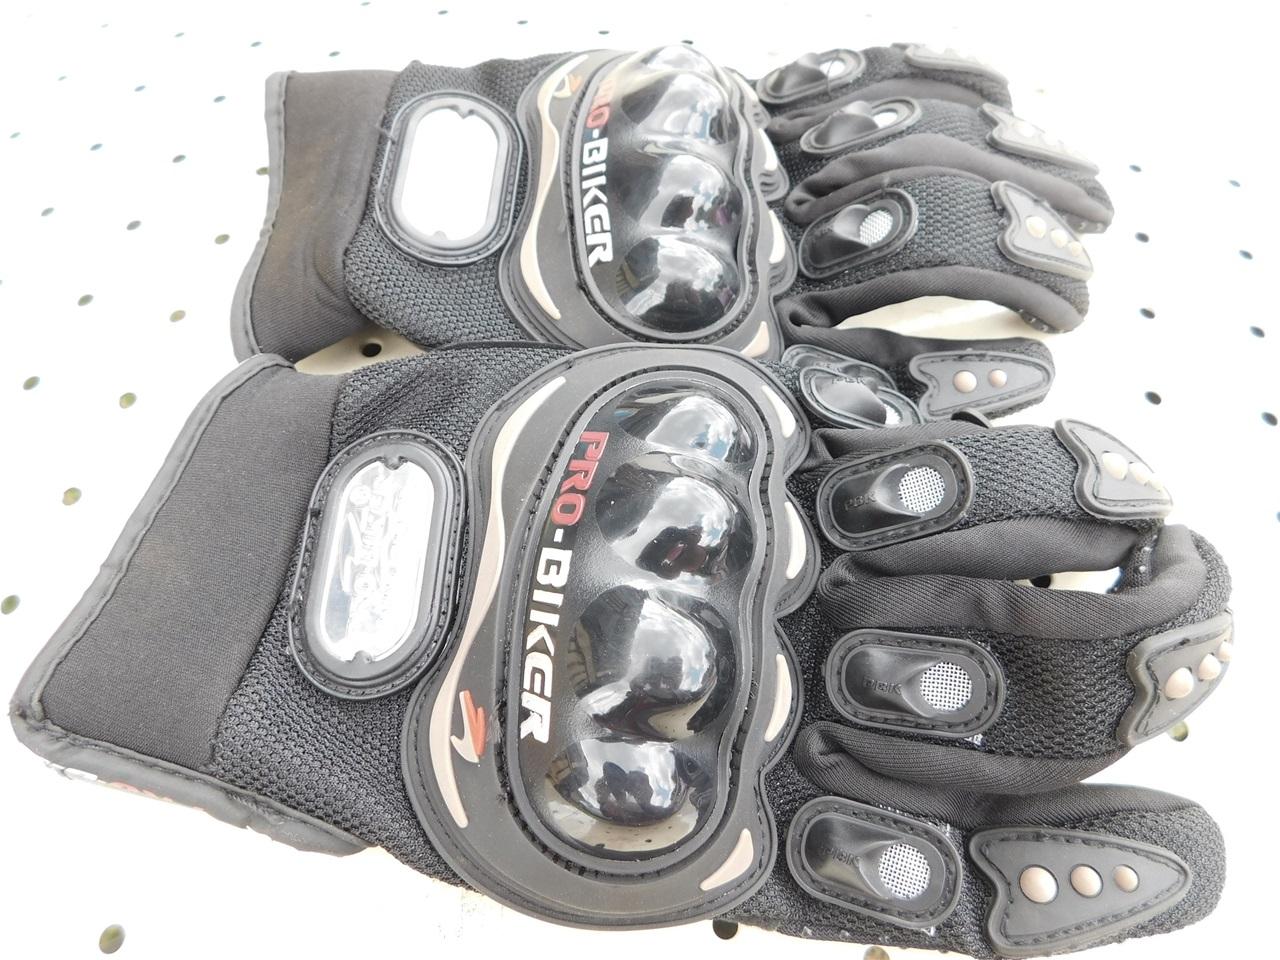 AA102.35 Gloves Pro biker medium